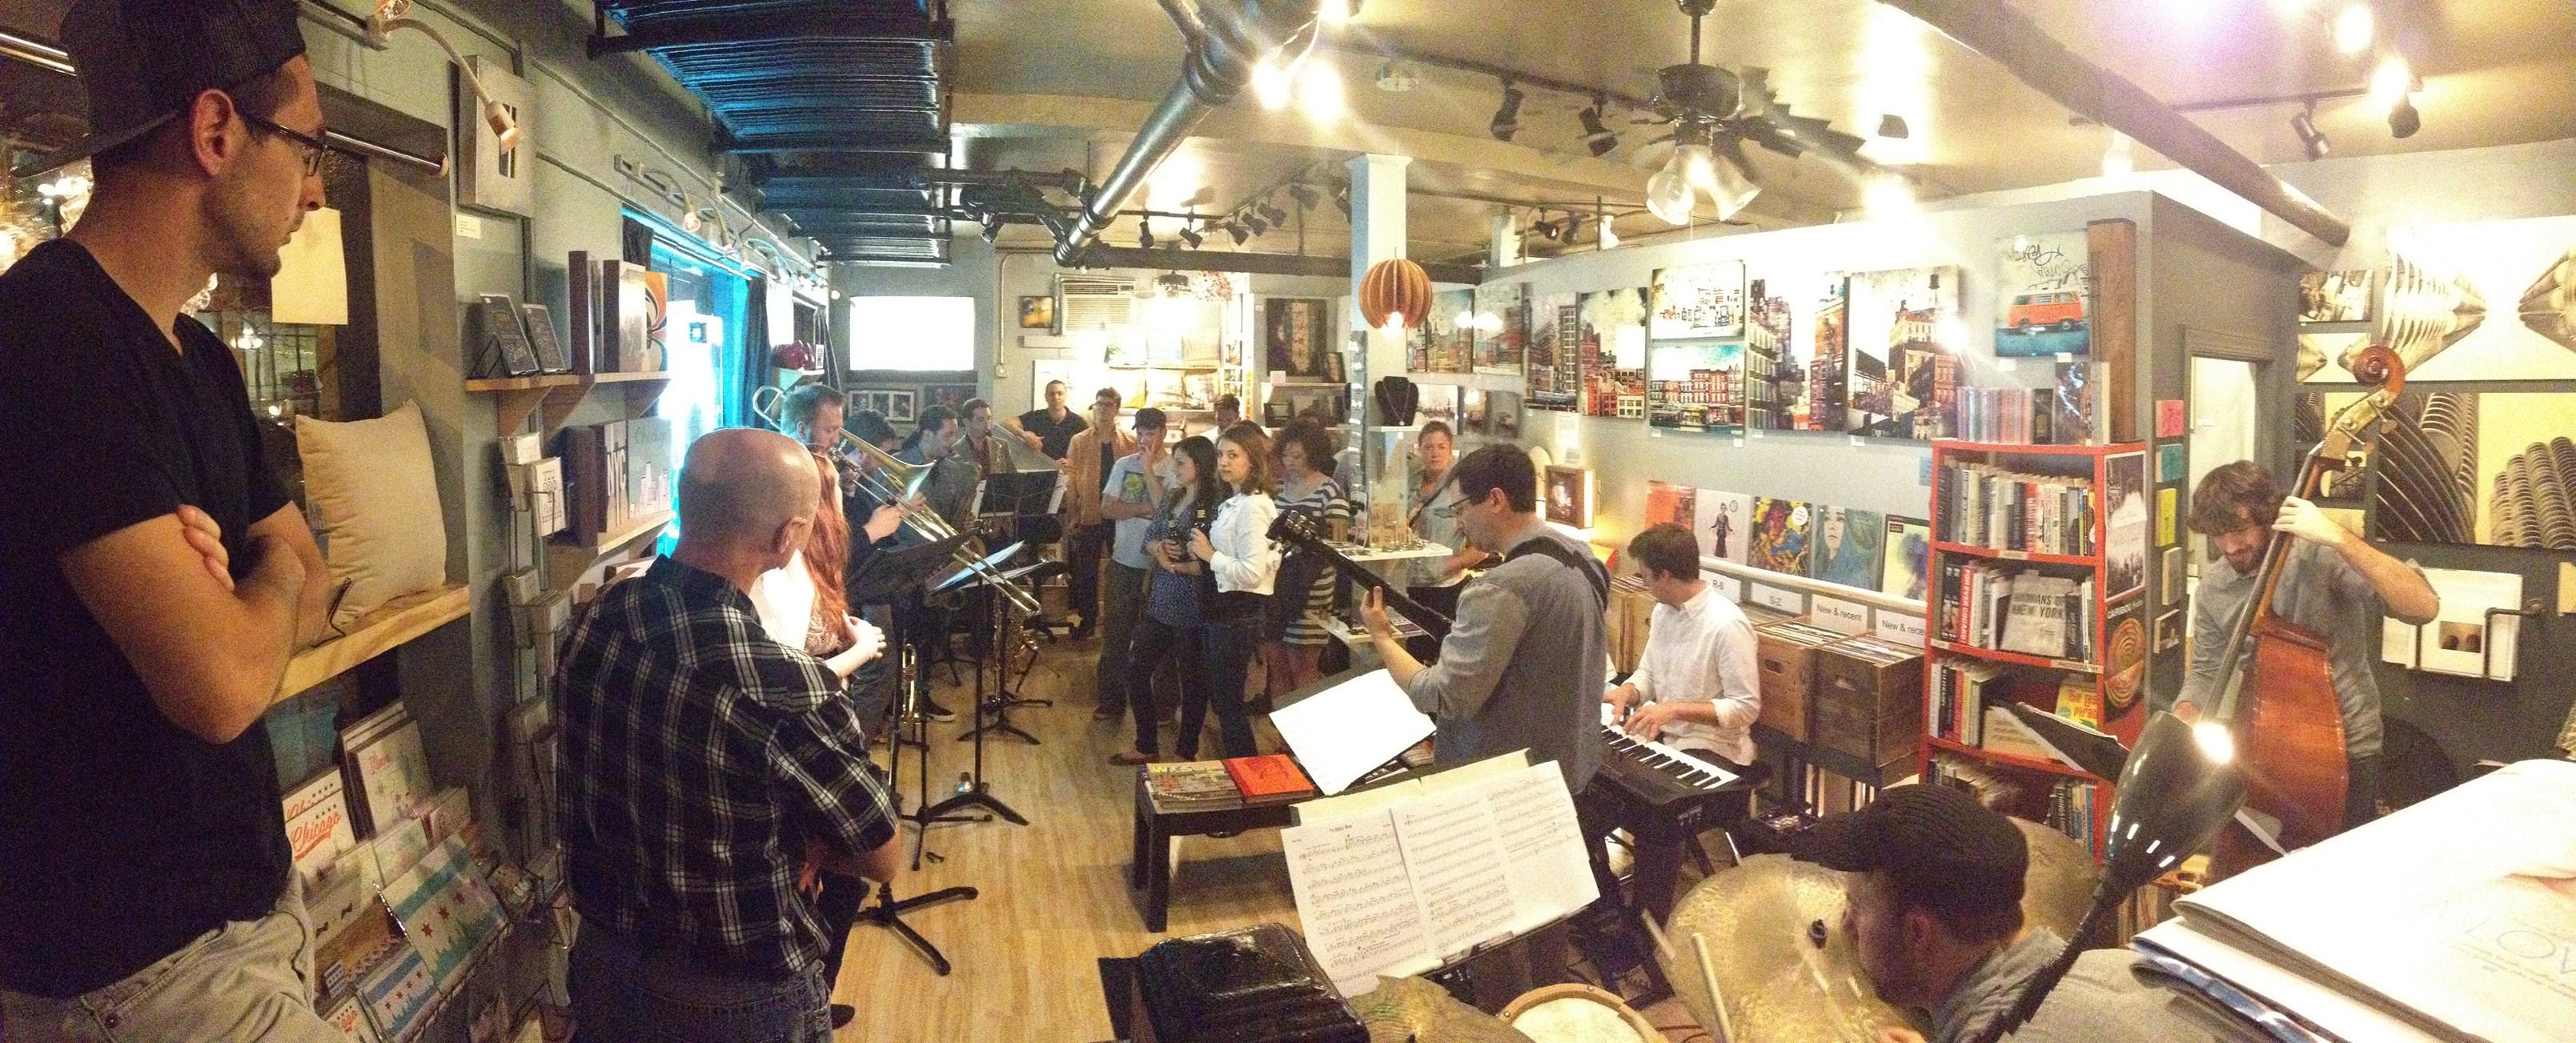 Jazz FX at Transistor